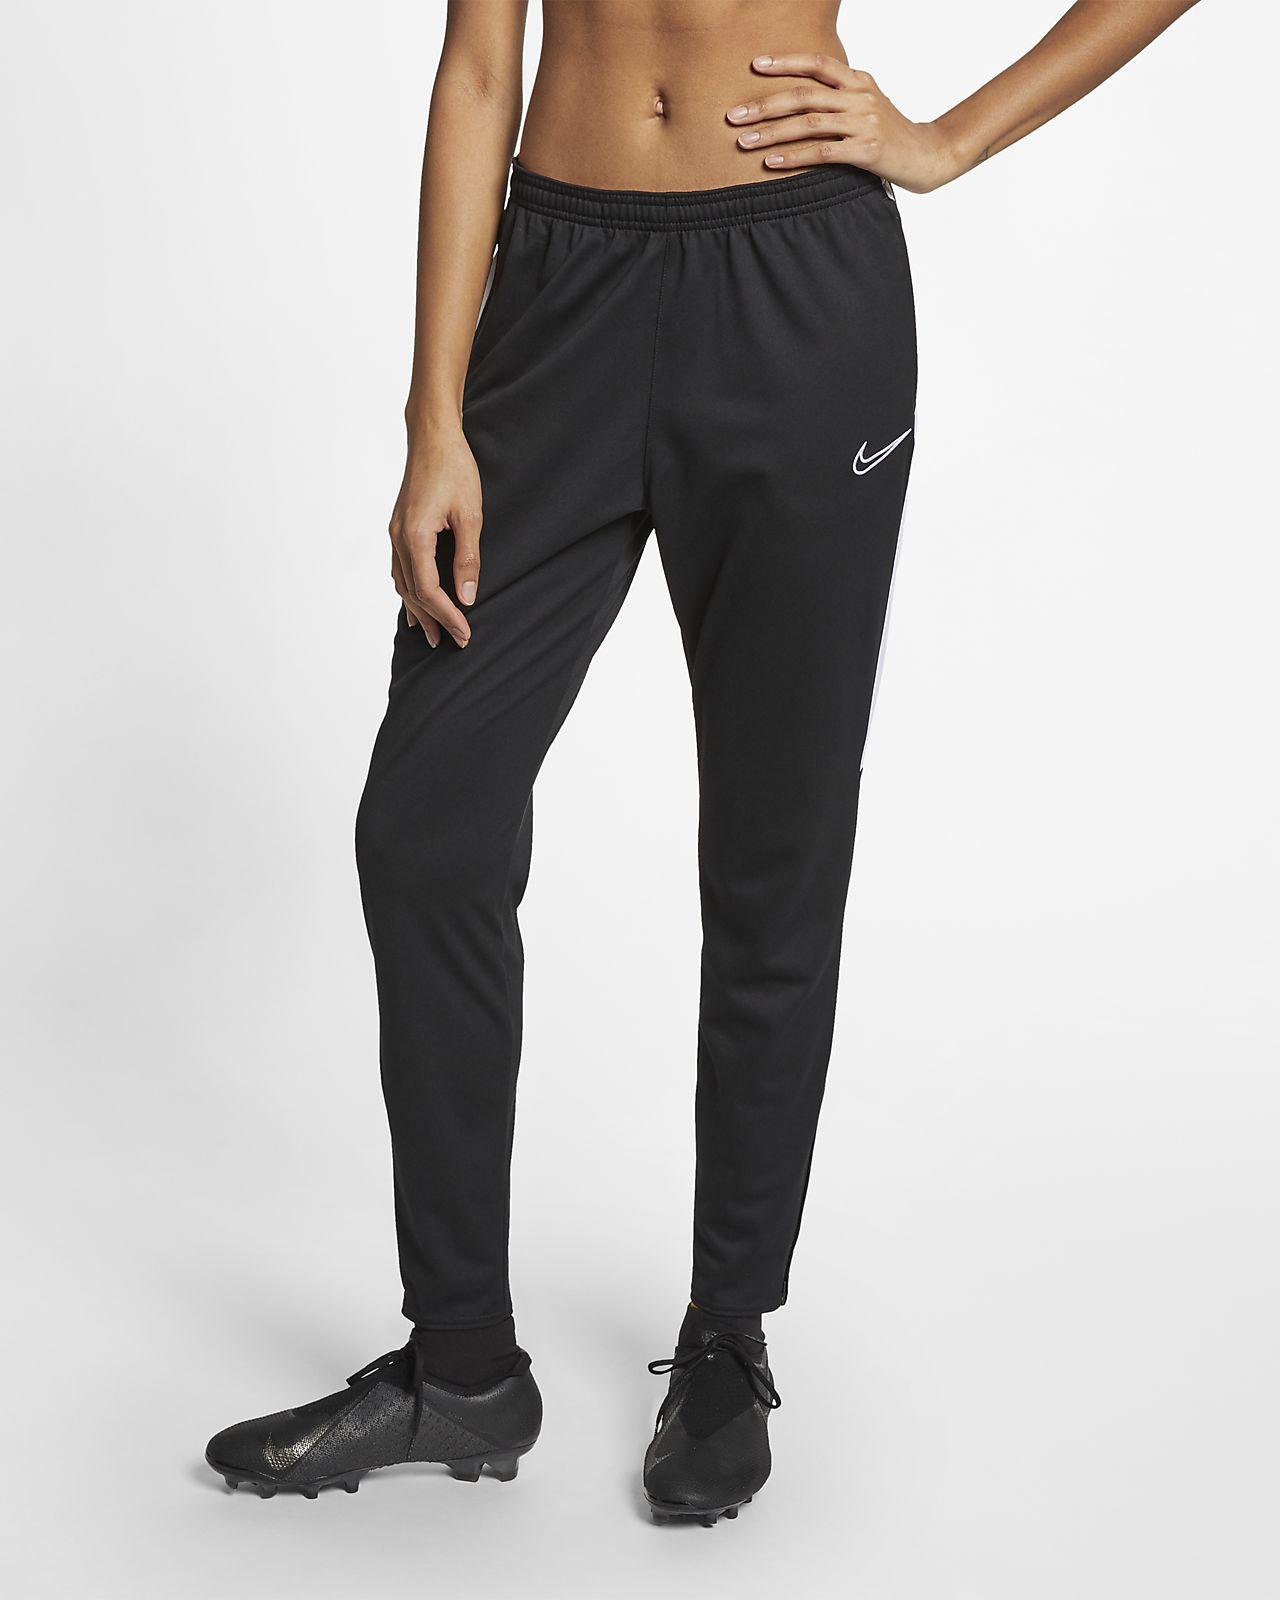 Fotbollsbyxor Nike Dri-FIT Academy för kvinnor